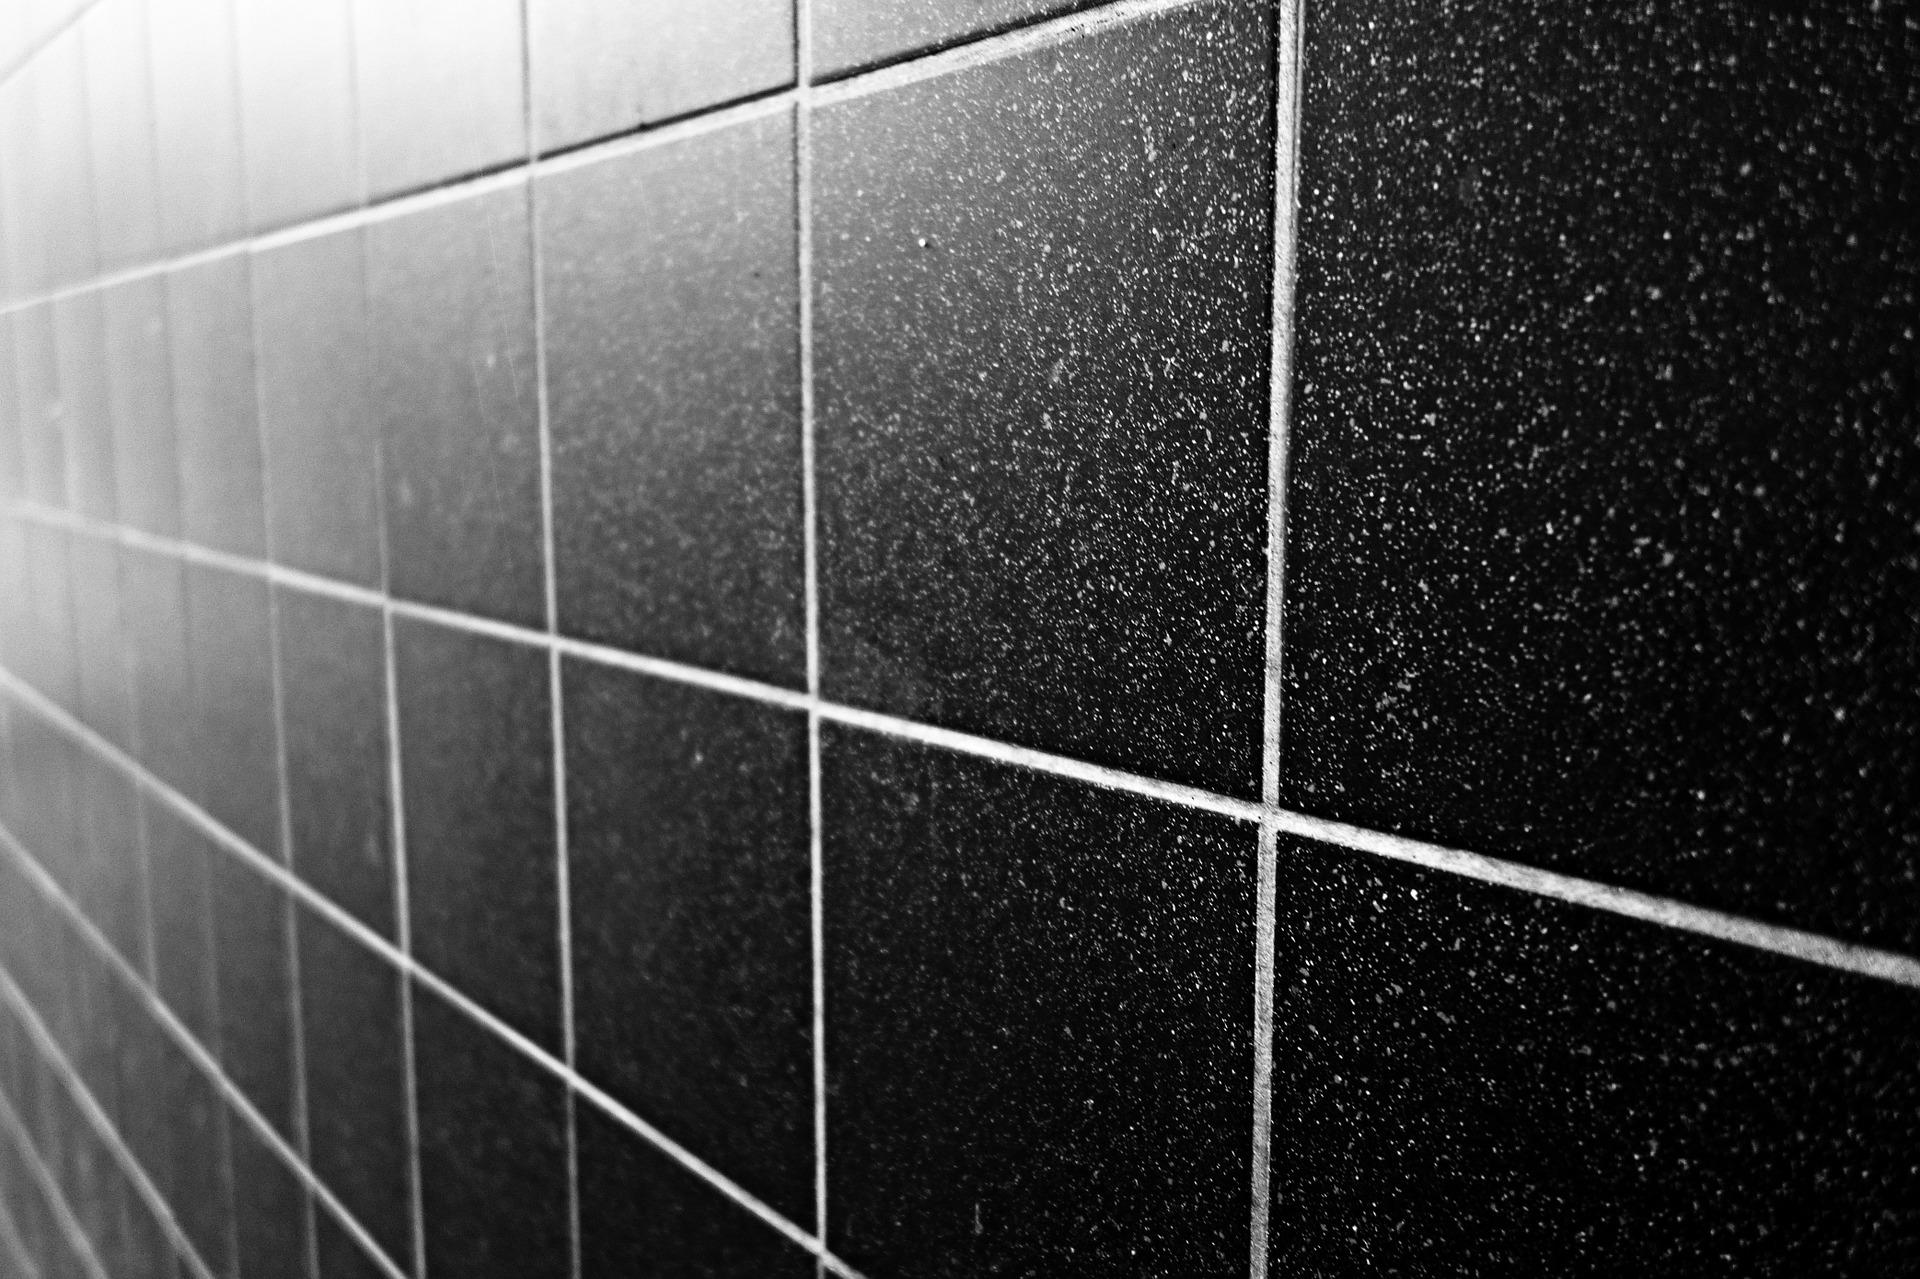 Astuce Pour Joint De Carrelage comment nettoyer ses joints de carrelage de salle de bain ?